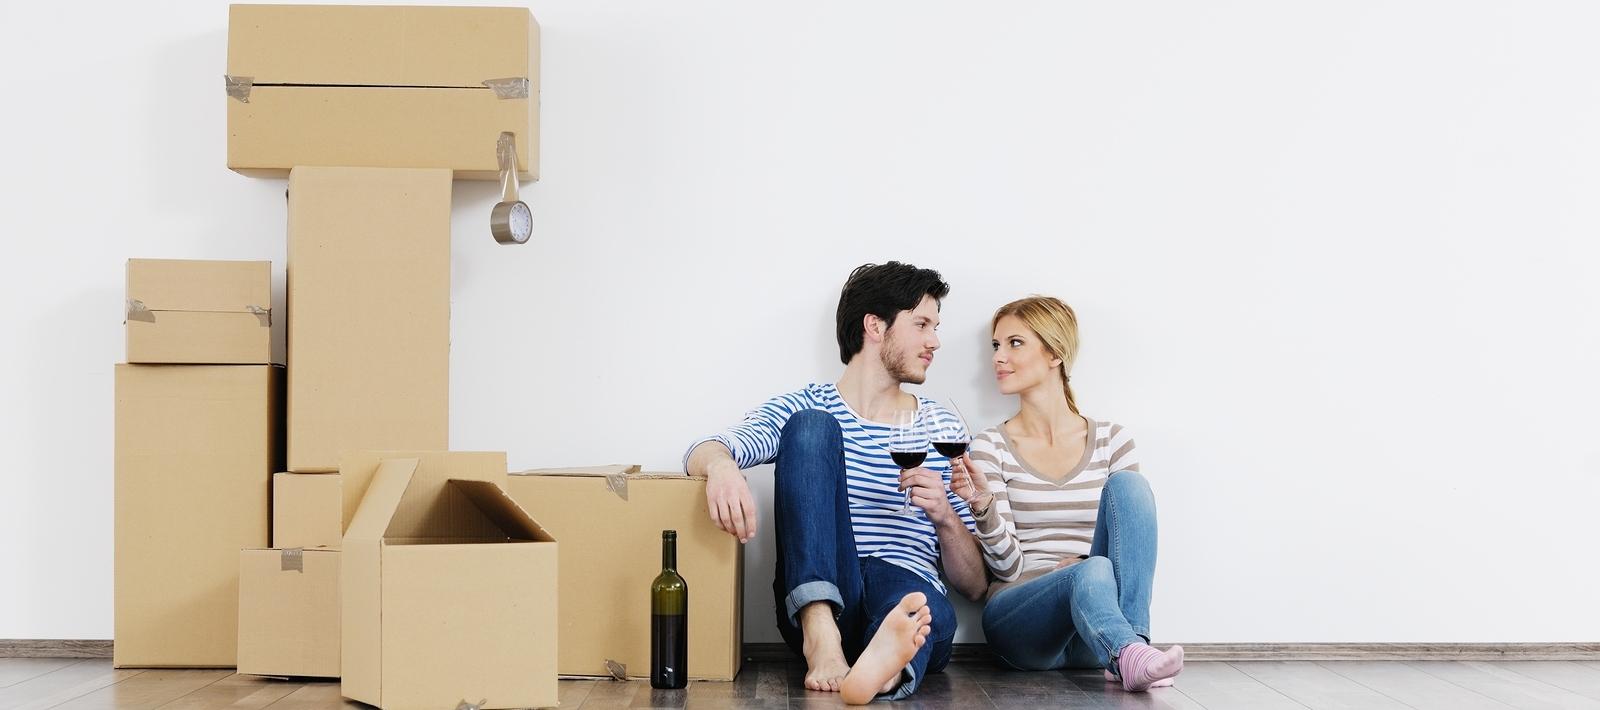 Unsere erste gemeinsame Wohnung – Warum sich das ...